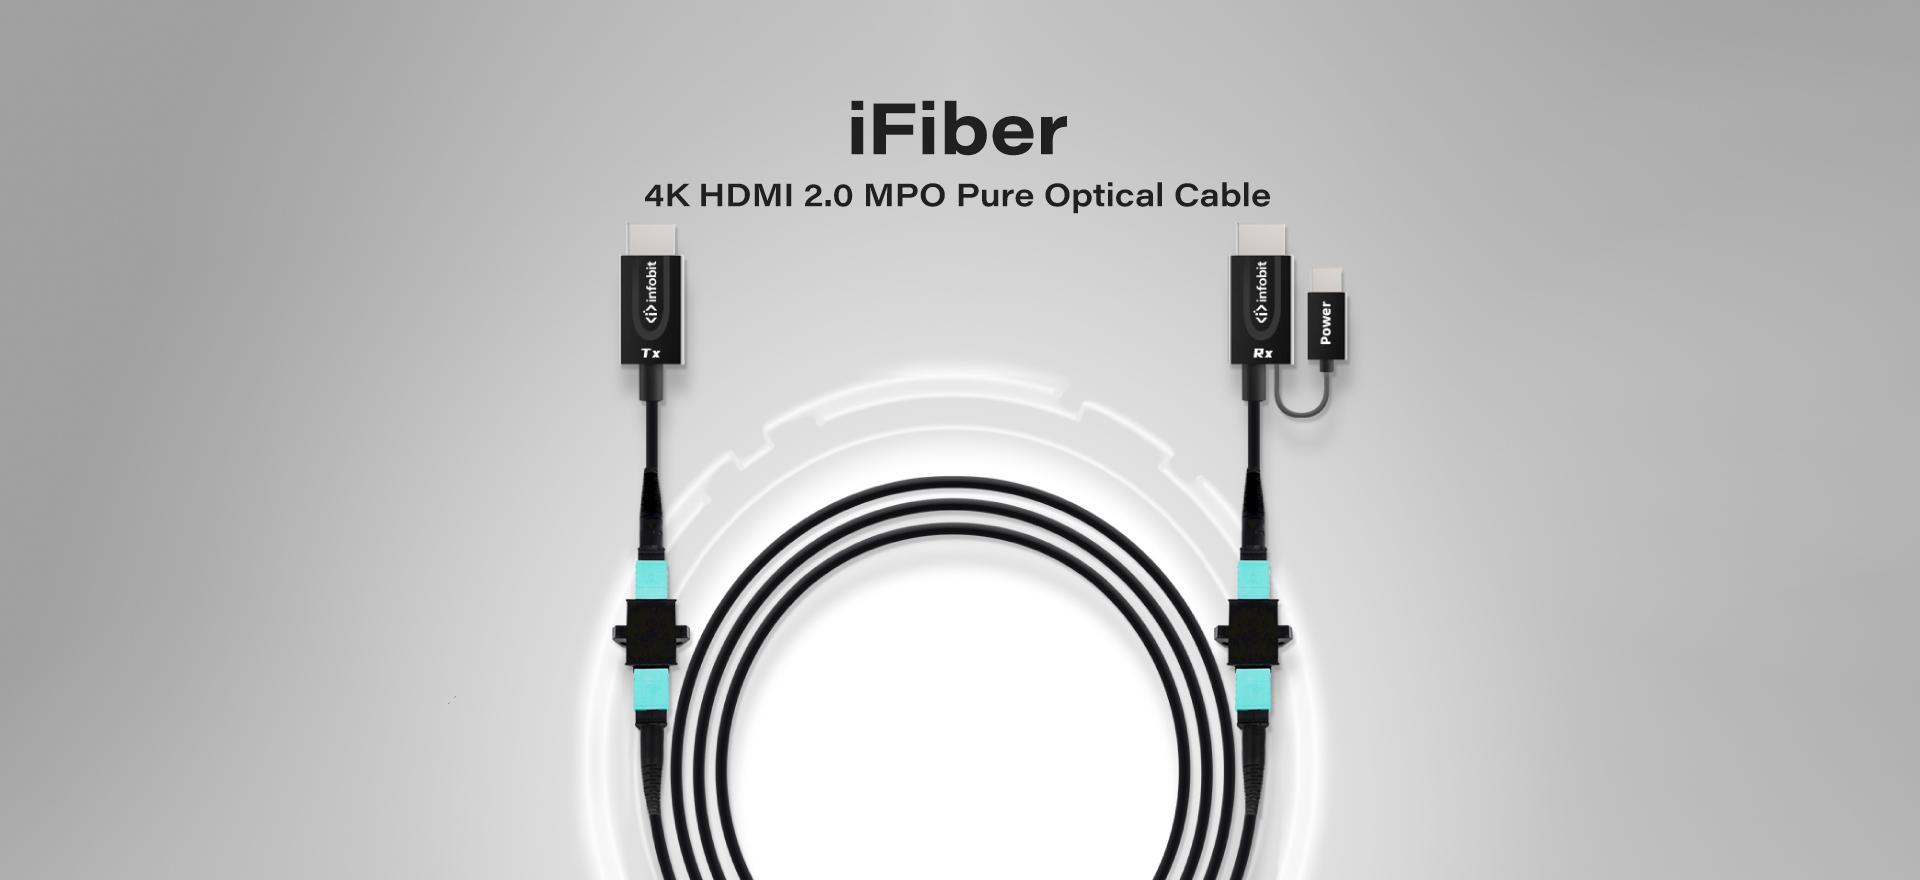 Infobit-iFiber-HDMI-4k-MPO